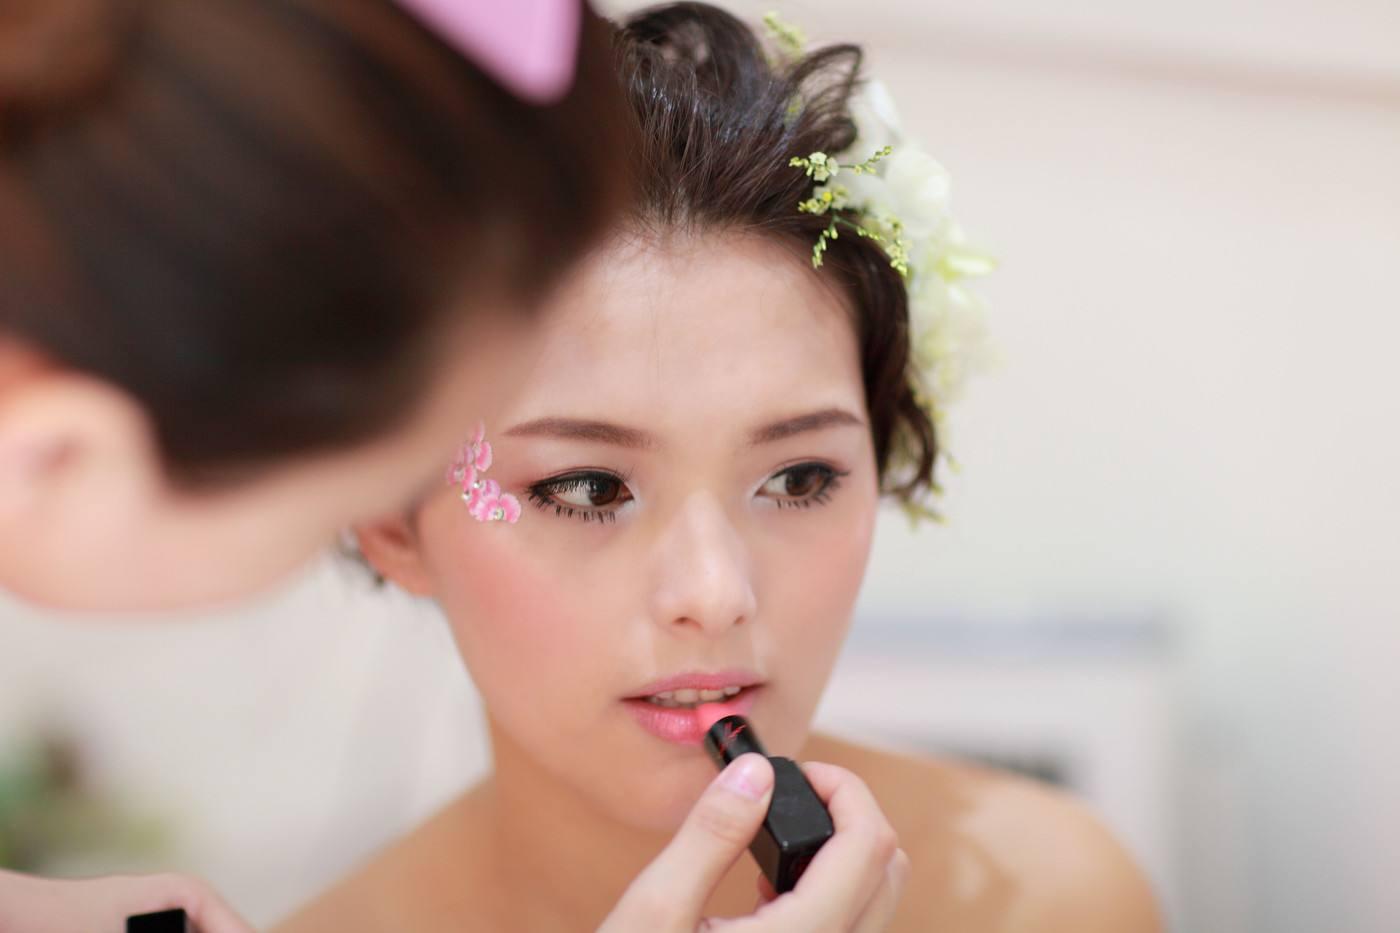 新娘鲜花造型1、发髻式 这种鲜花发髻式的新娘造型,给人予典雅及古典的感觉,比较适宜为一些温柔型、小家碧玉型的新娘打造。只要先将头发稍稍烫个卷,然后将烫过的头发向外翻卷做成月牙形的凹槽发型,再在里面插入鲜花即可。新娘这样打造整体既简单大方,又不失优雅的气质。